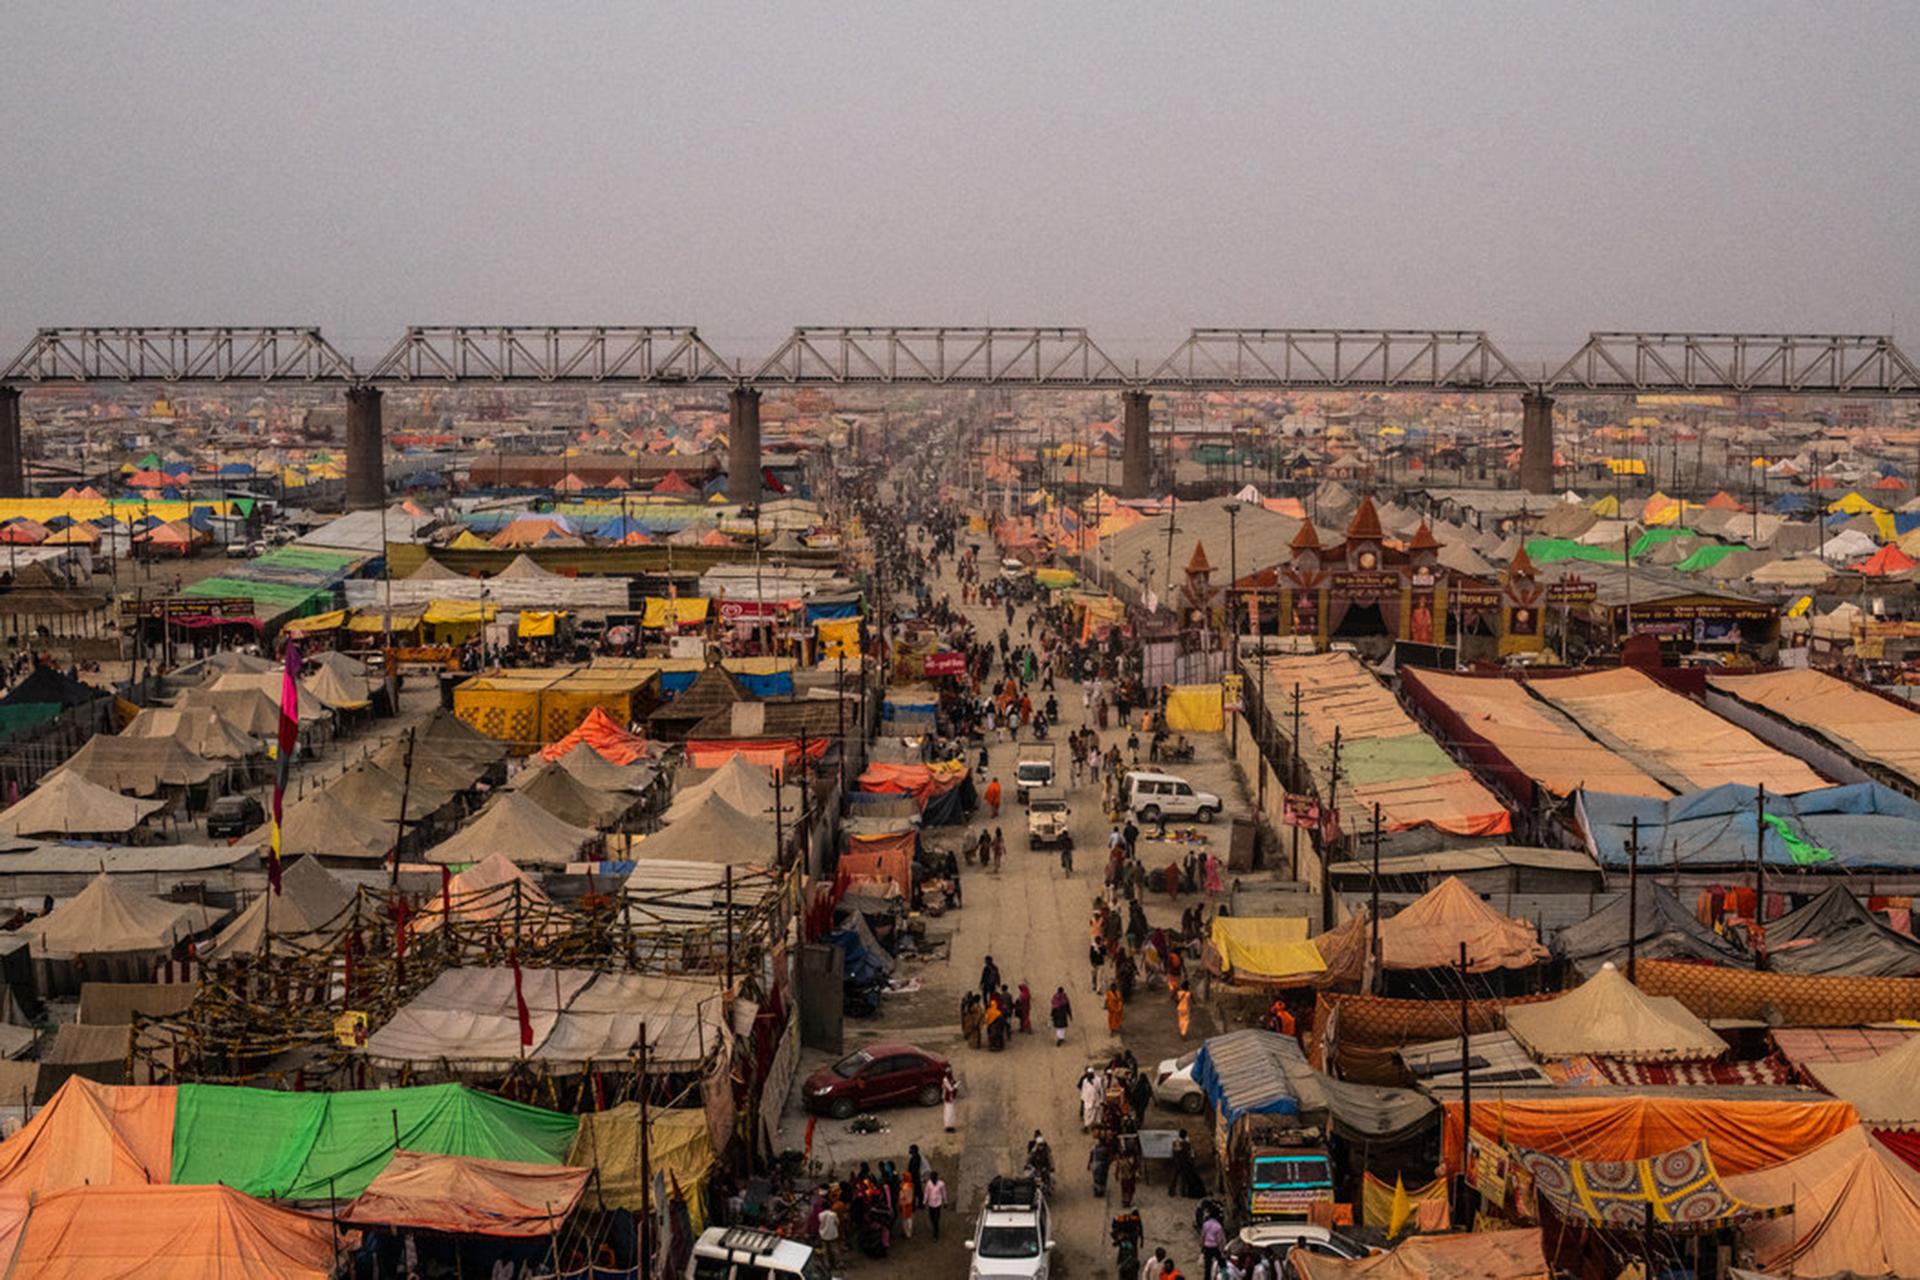 Kumbh Nagari, una ciudad temporal construida a orillas del río Ganges. (The New York Times)